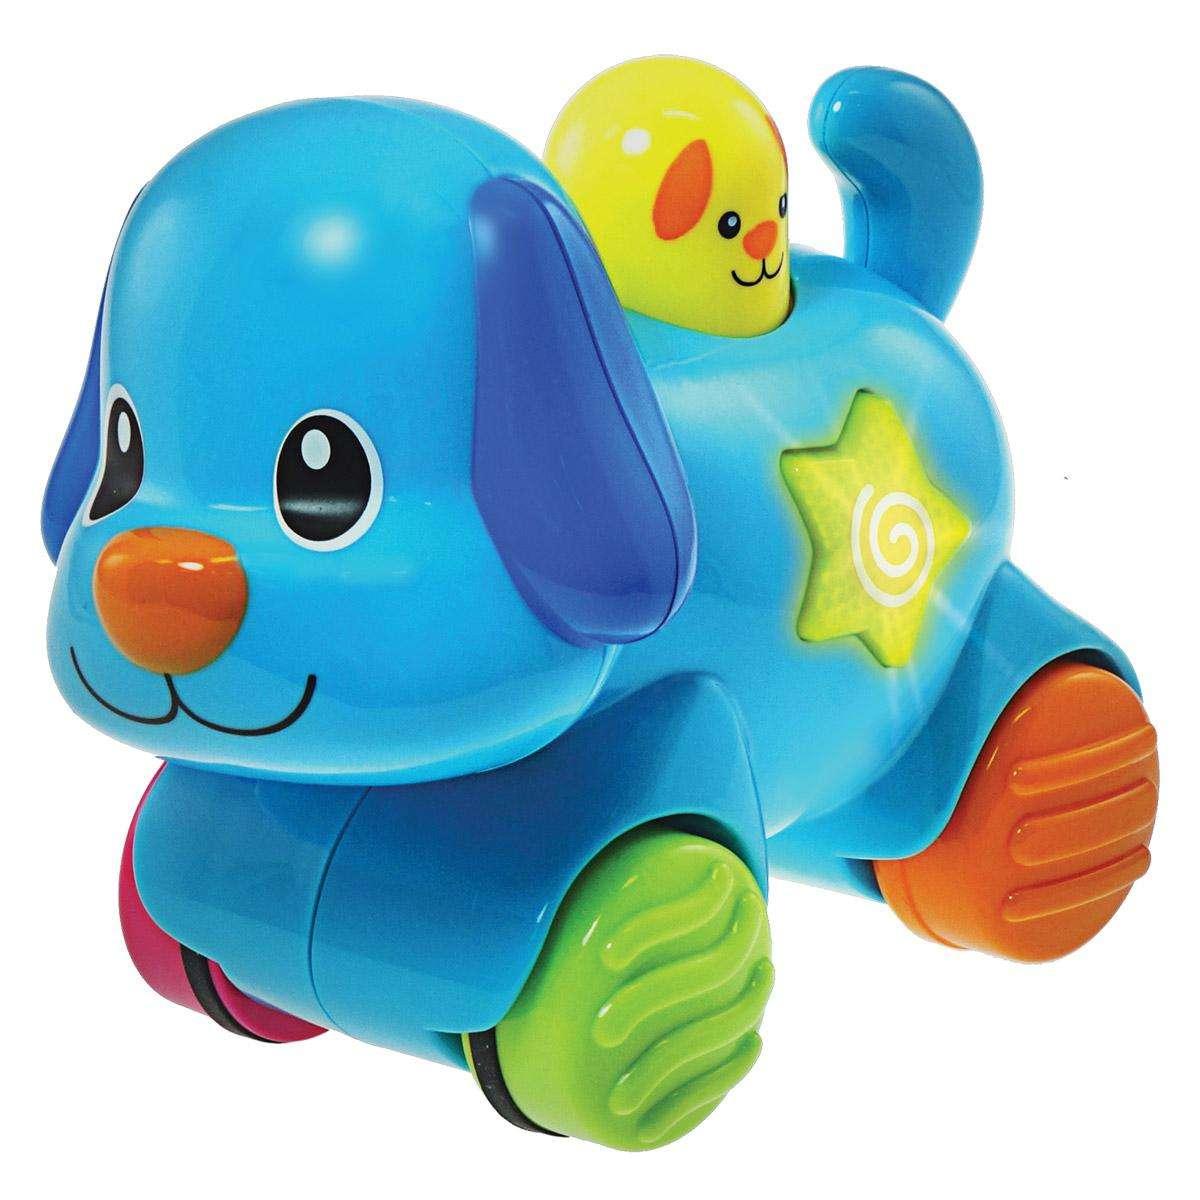 Winfun Go Pet Puppy Rotaļlieta muzikālā kucēns